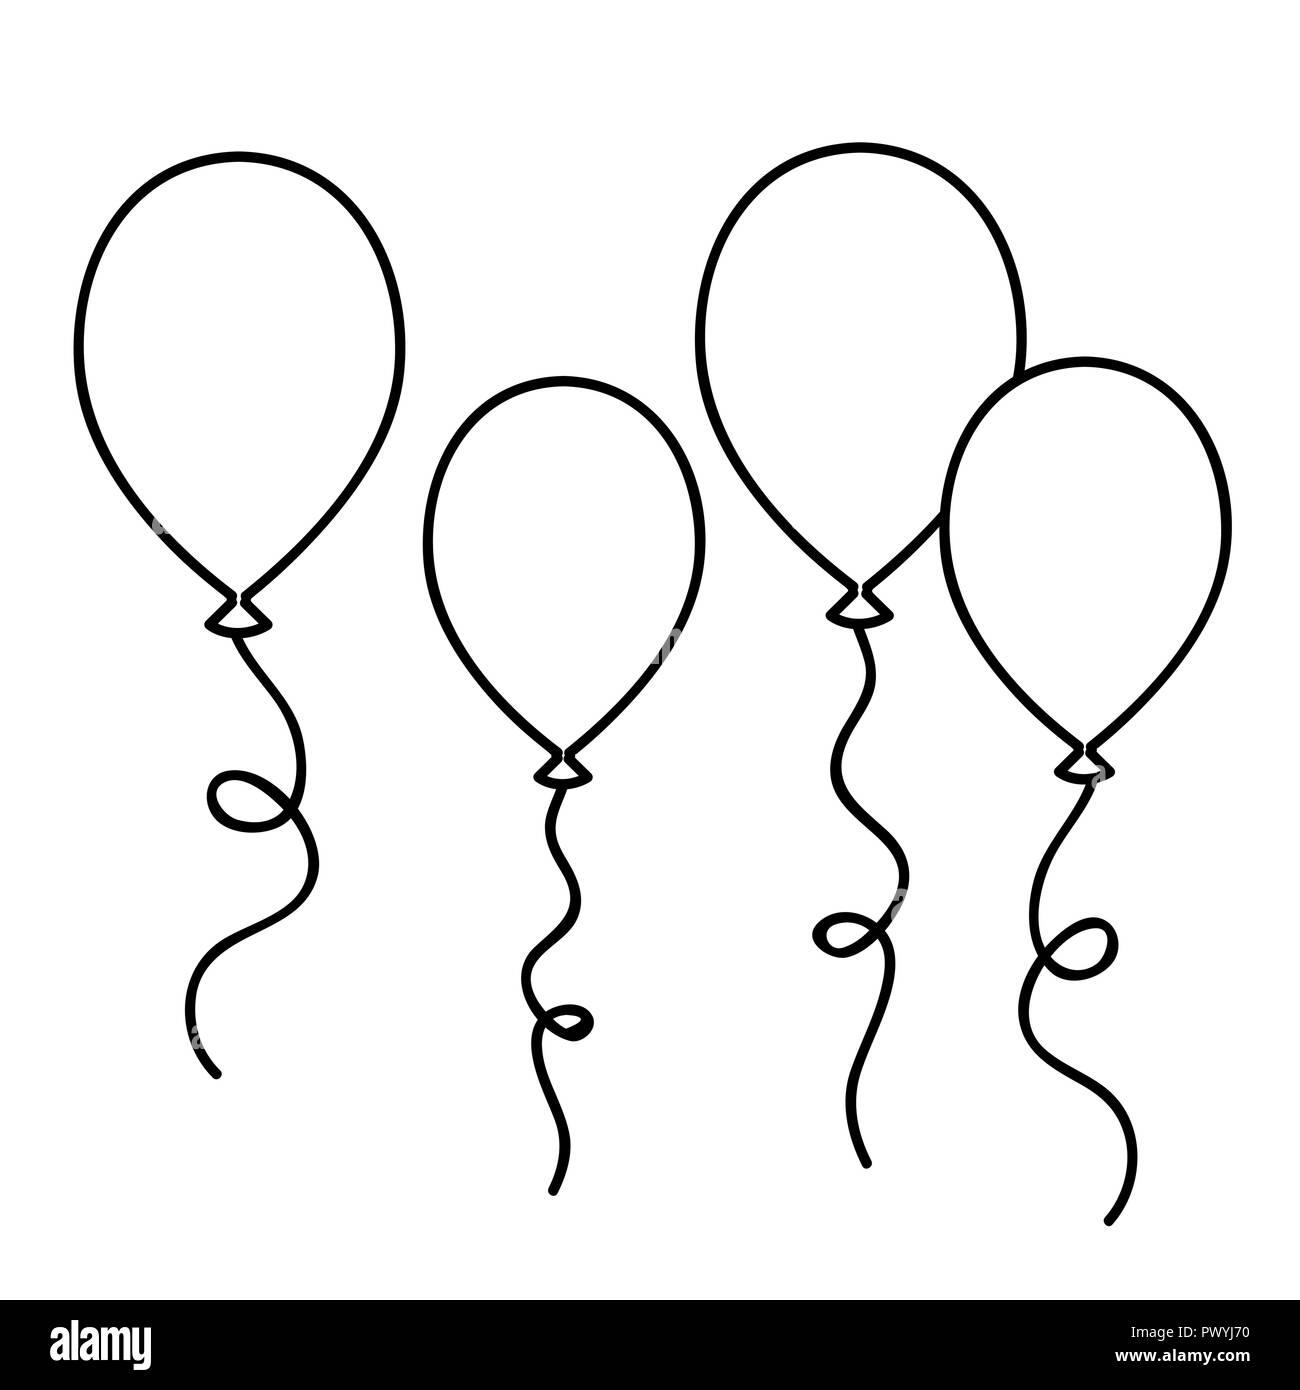 Globos dibujo sencillo esquema para colorear la ilustración